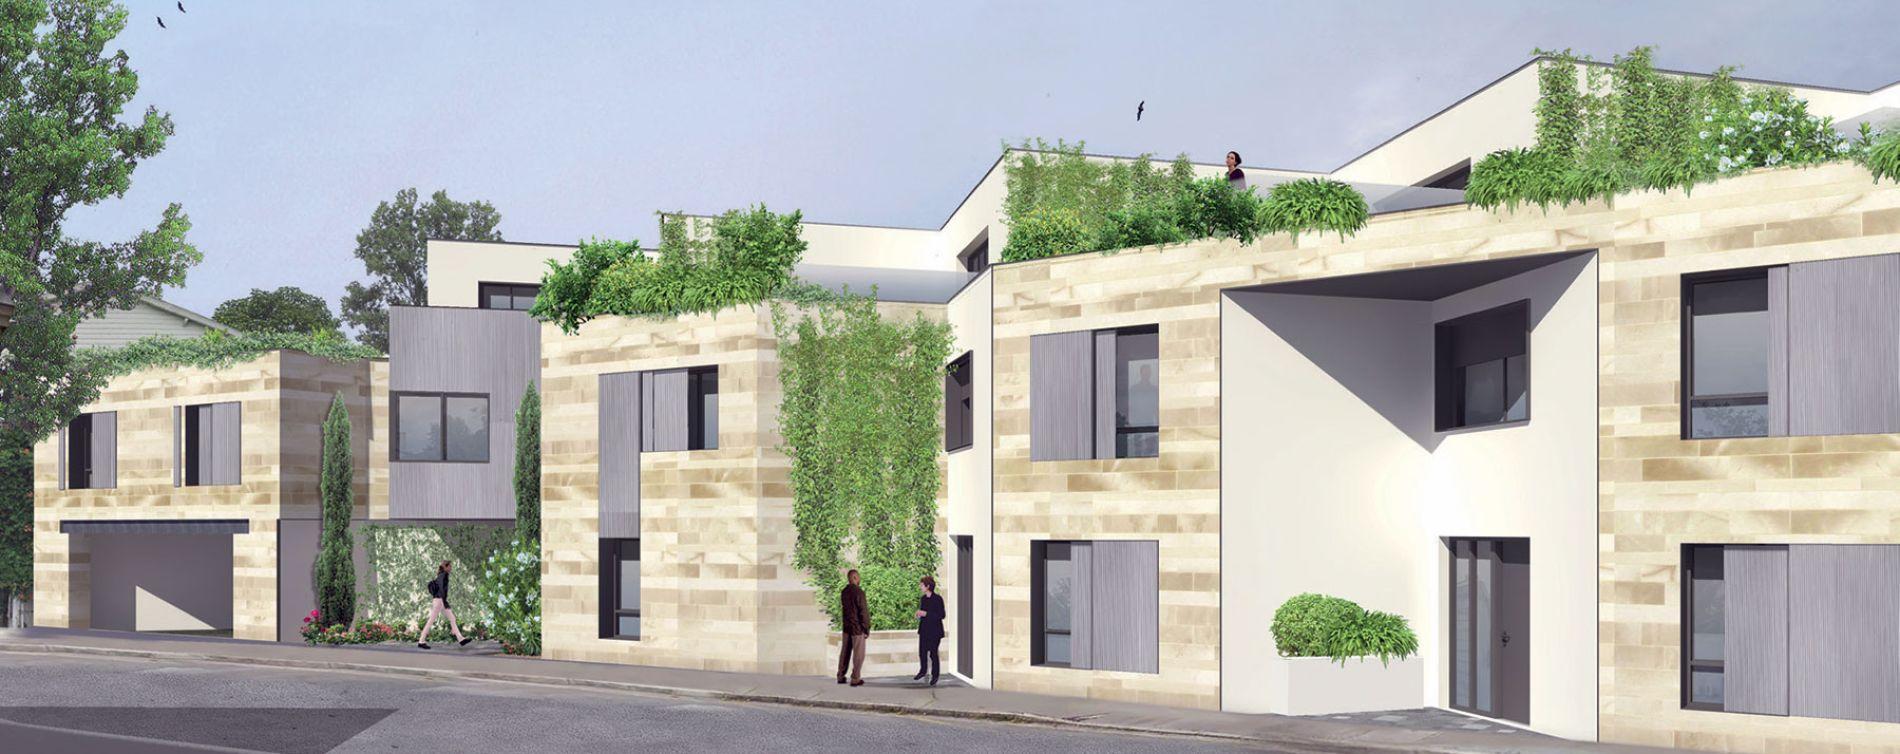 Résidence Villa Etchenique à Bordeaux